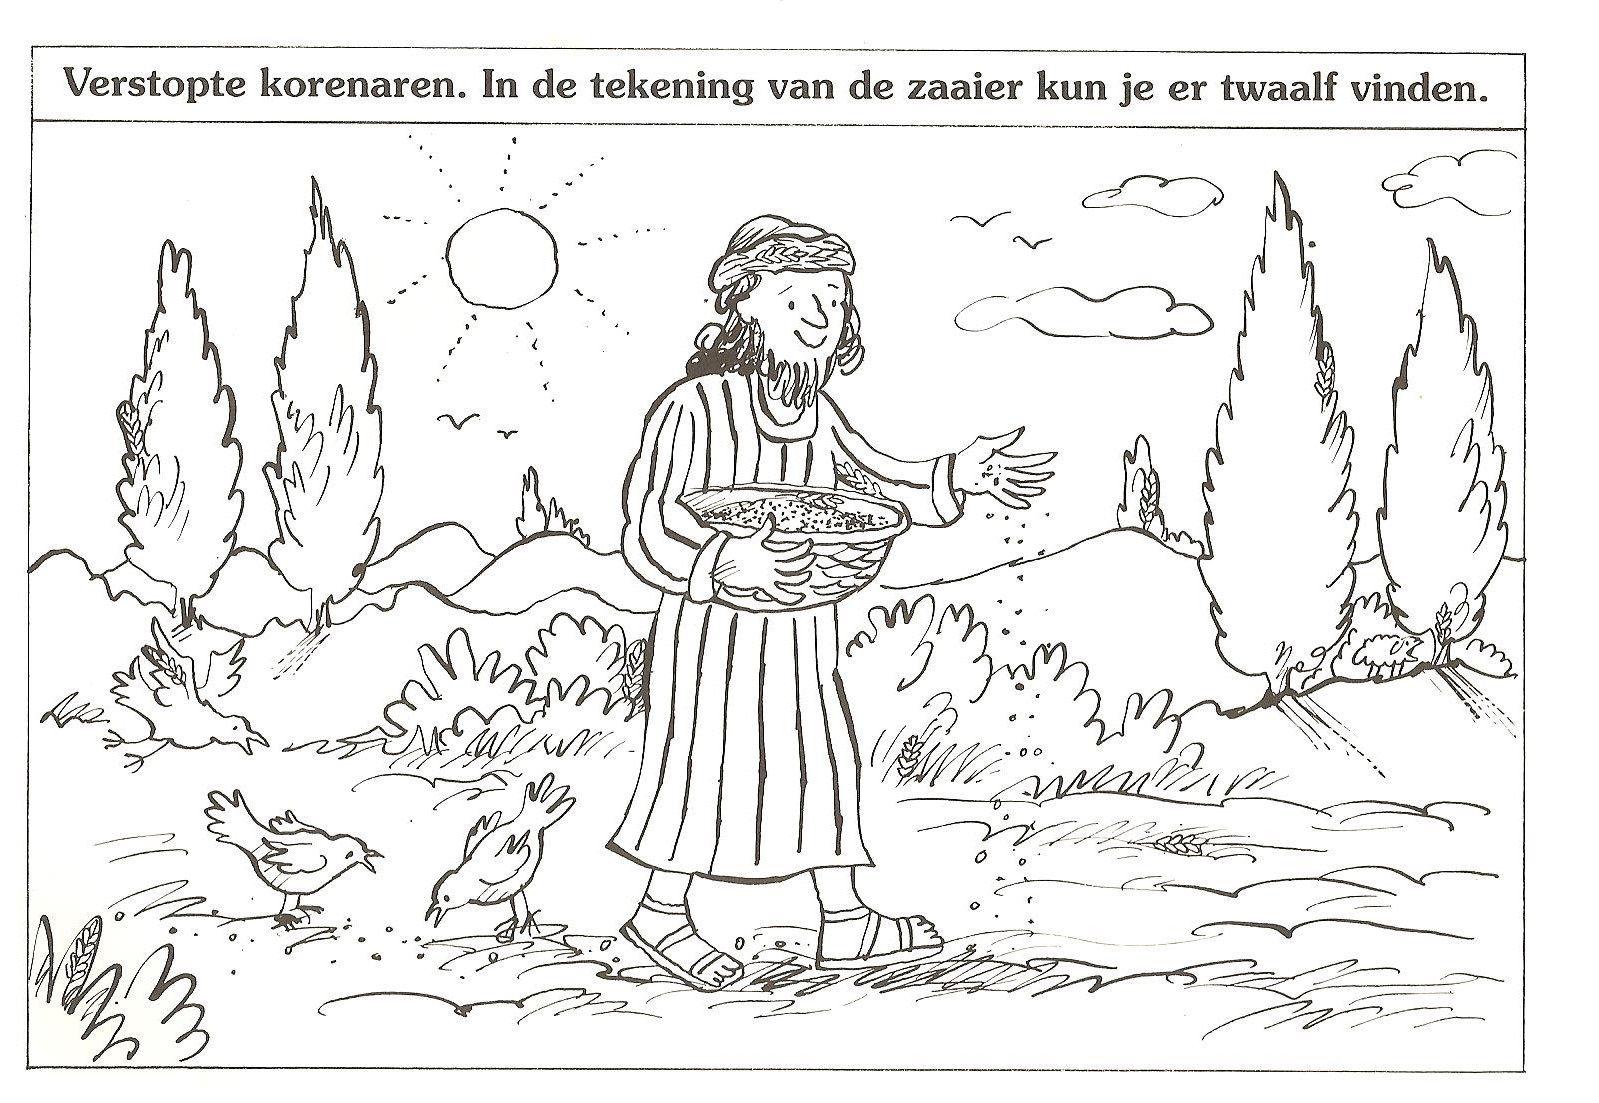 Verstopte Korenaren In De Tekening Van De Zaaier Kun Je Er Twaalf Vinden Gelijkenis Bijbel Kleurplaten Esther Bijbel Bijbel Knutselen